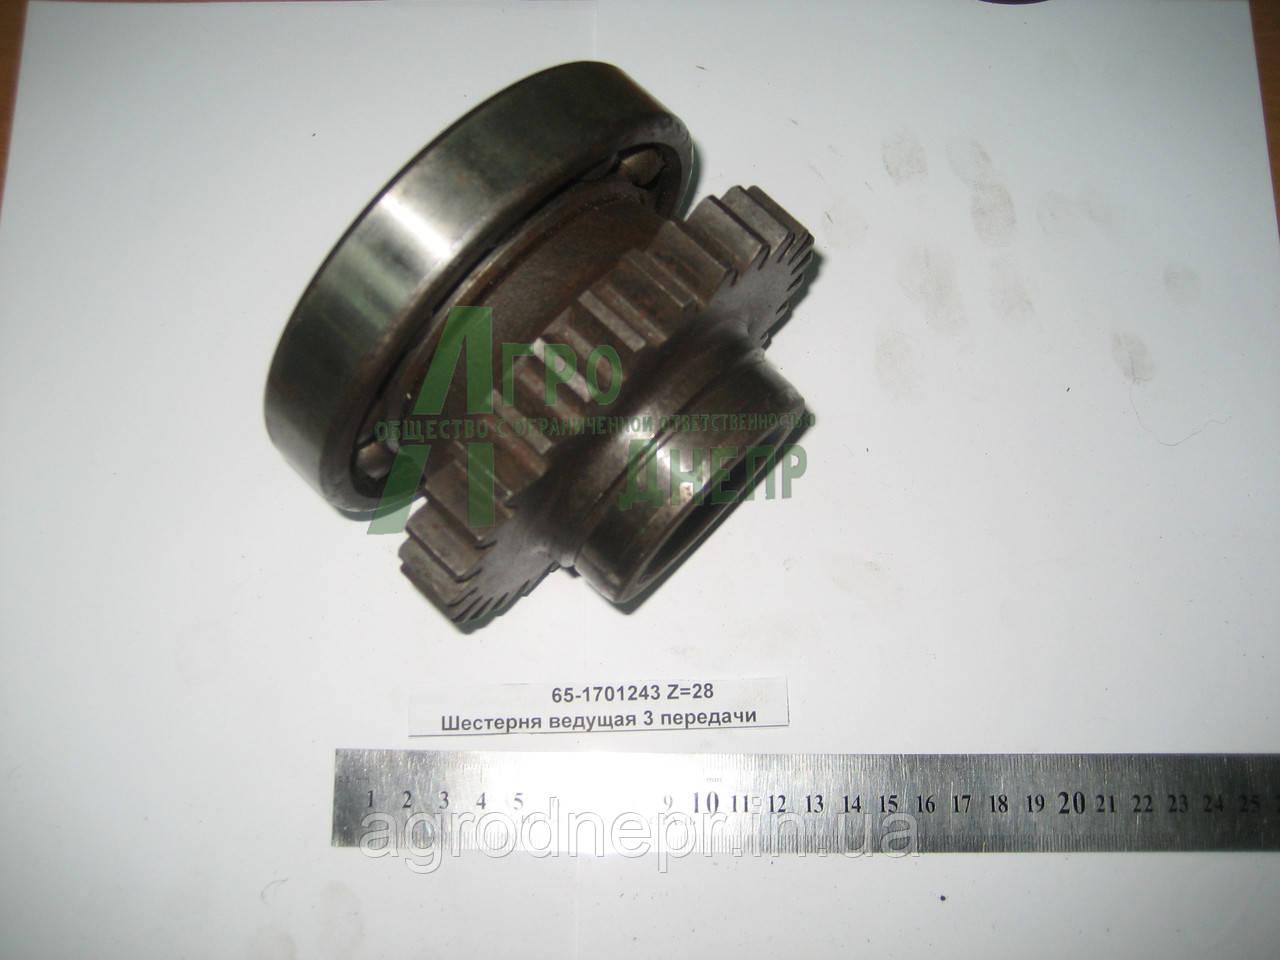 Шестерня с подшипником синхронизированой КПП ЮМЗ 75-1701320